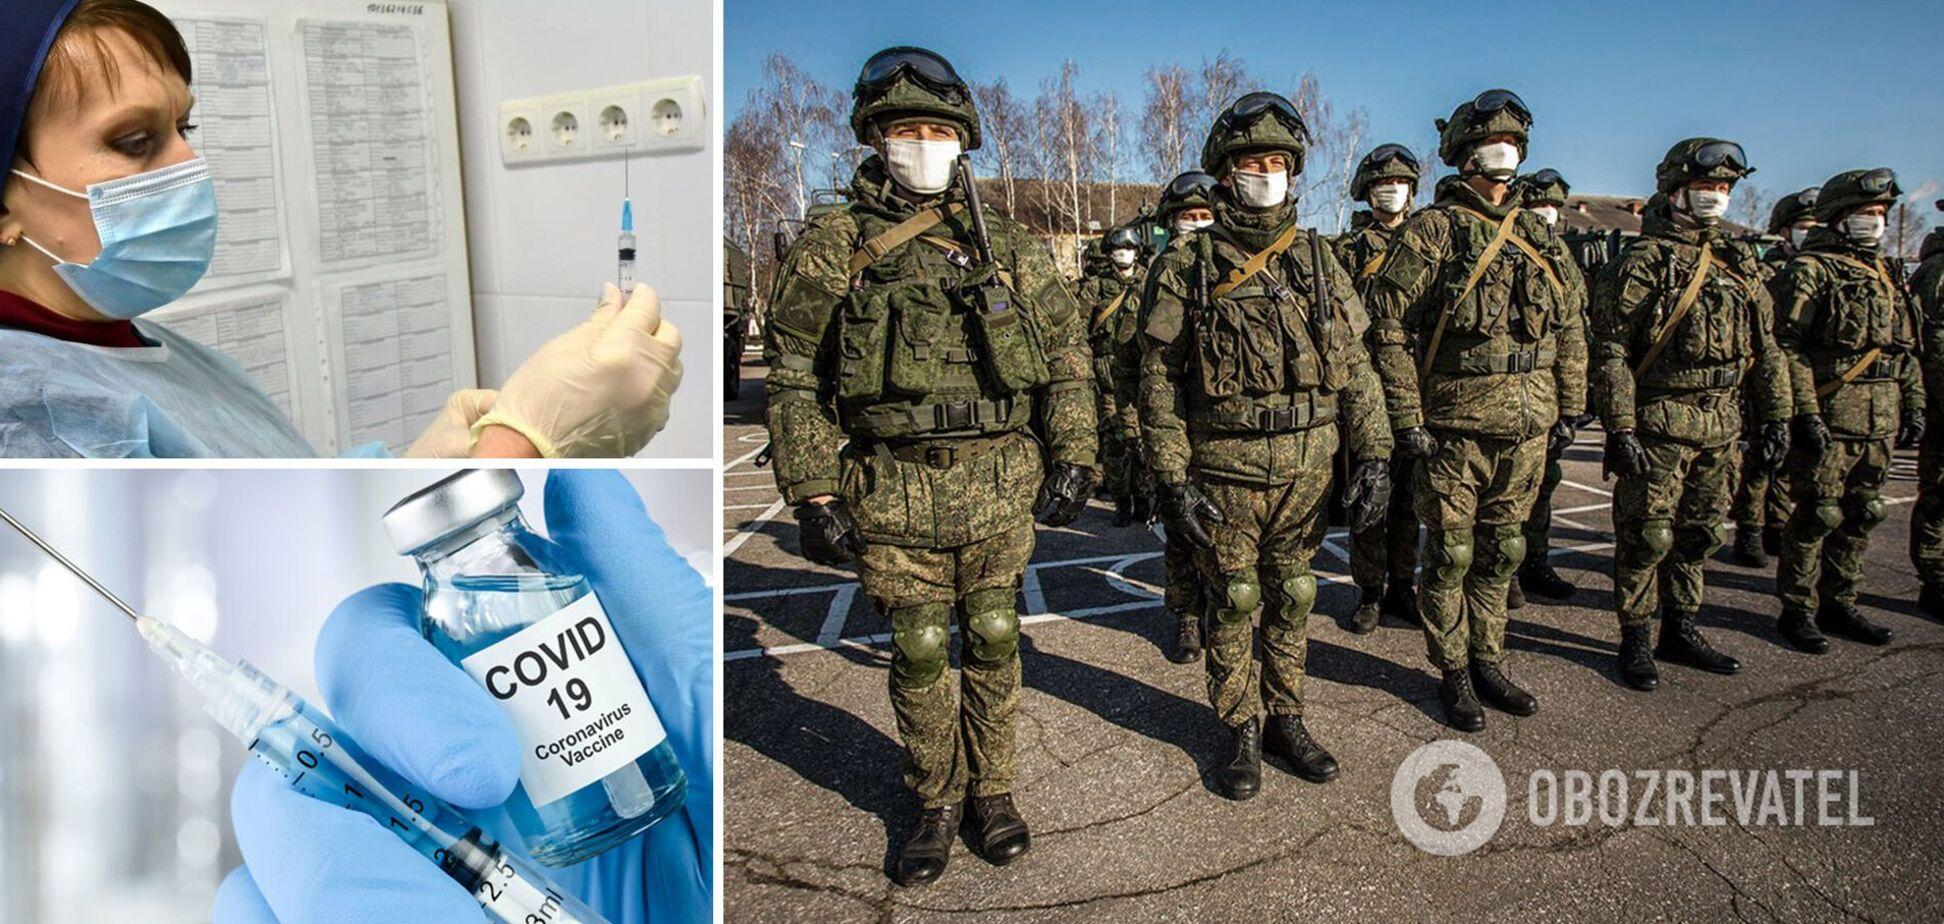 Росія засекретила дані про пандемію COVID-19 в Криму, людей насильно вакцинують. Що відбувається на півострові